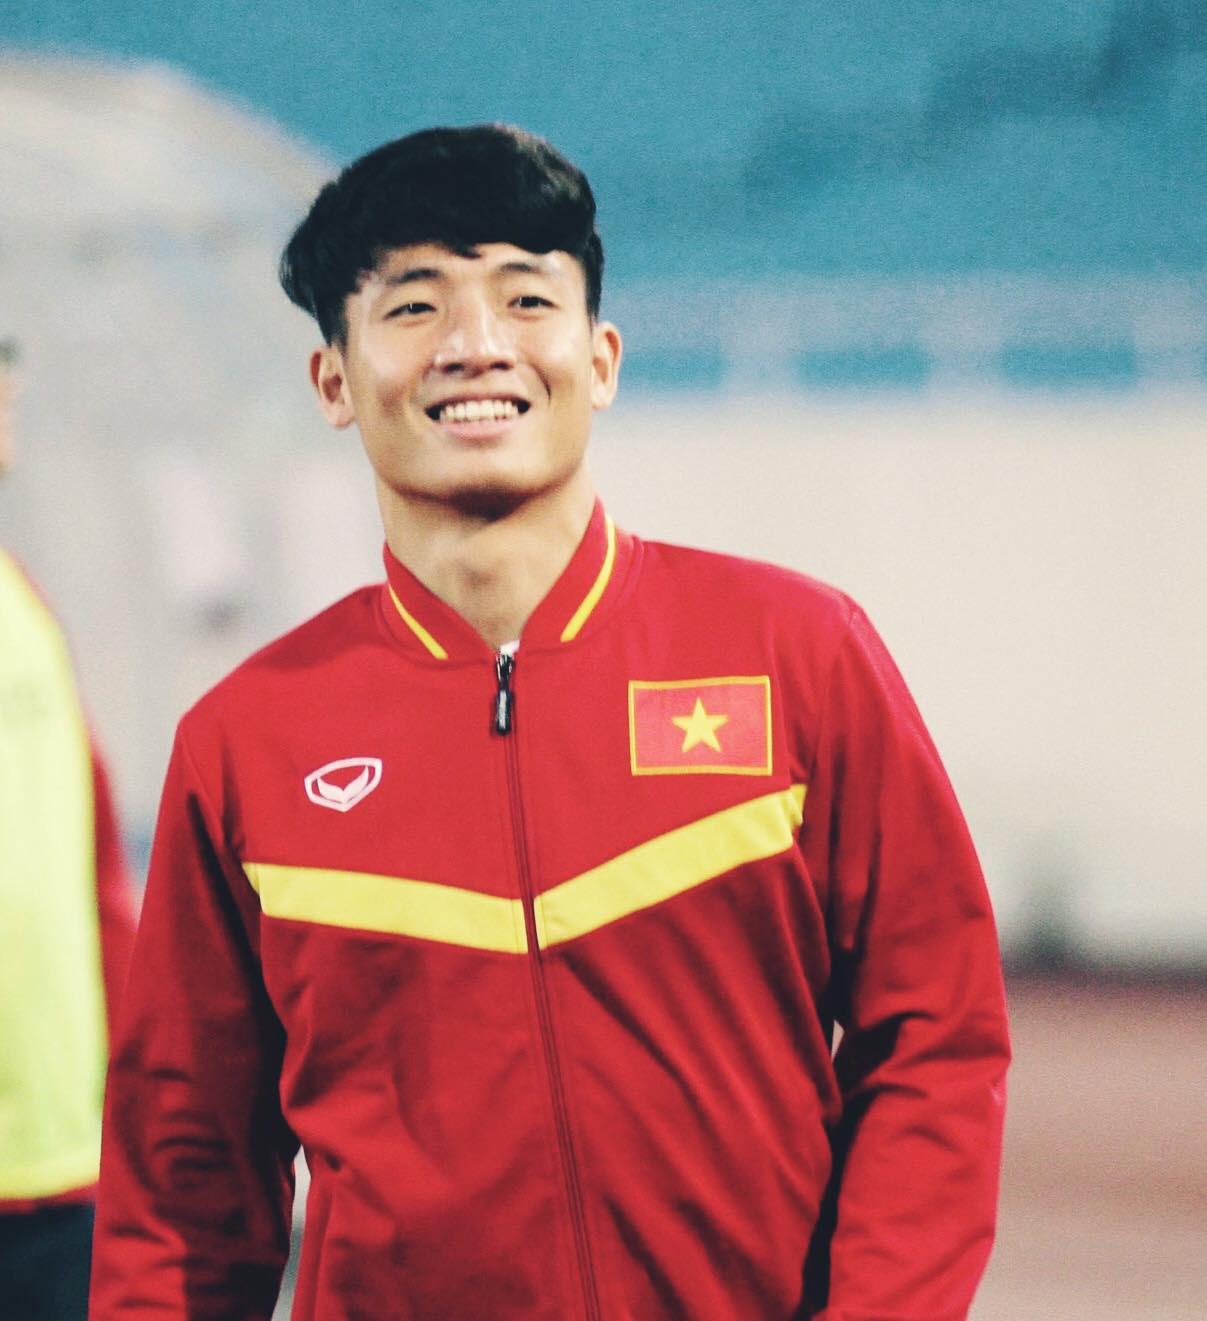 Nhật ký đổi tóc của U23 Việt Nam: Nếu việc đổi tóc nói lên tính cách thì gần như chàng nào cũng chung tình! - Ảnh 13.